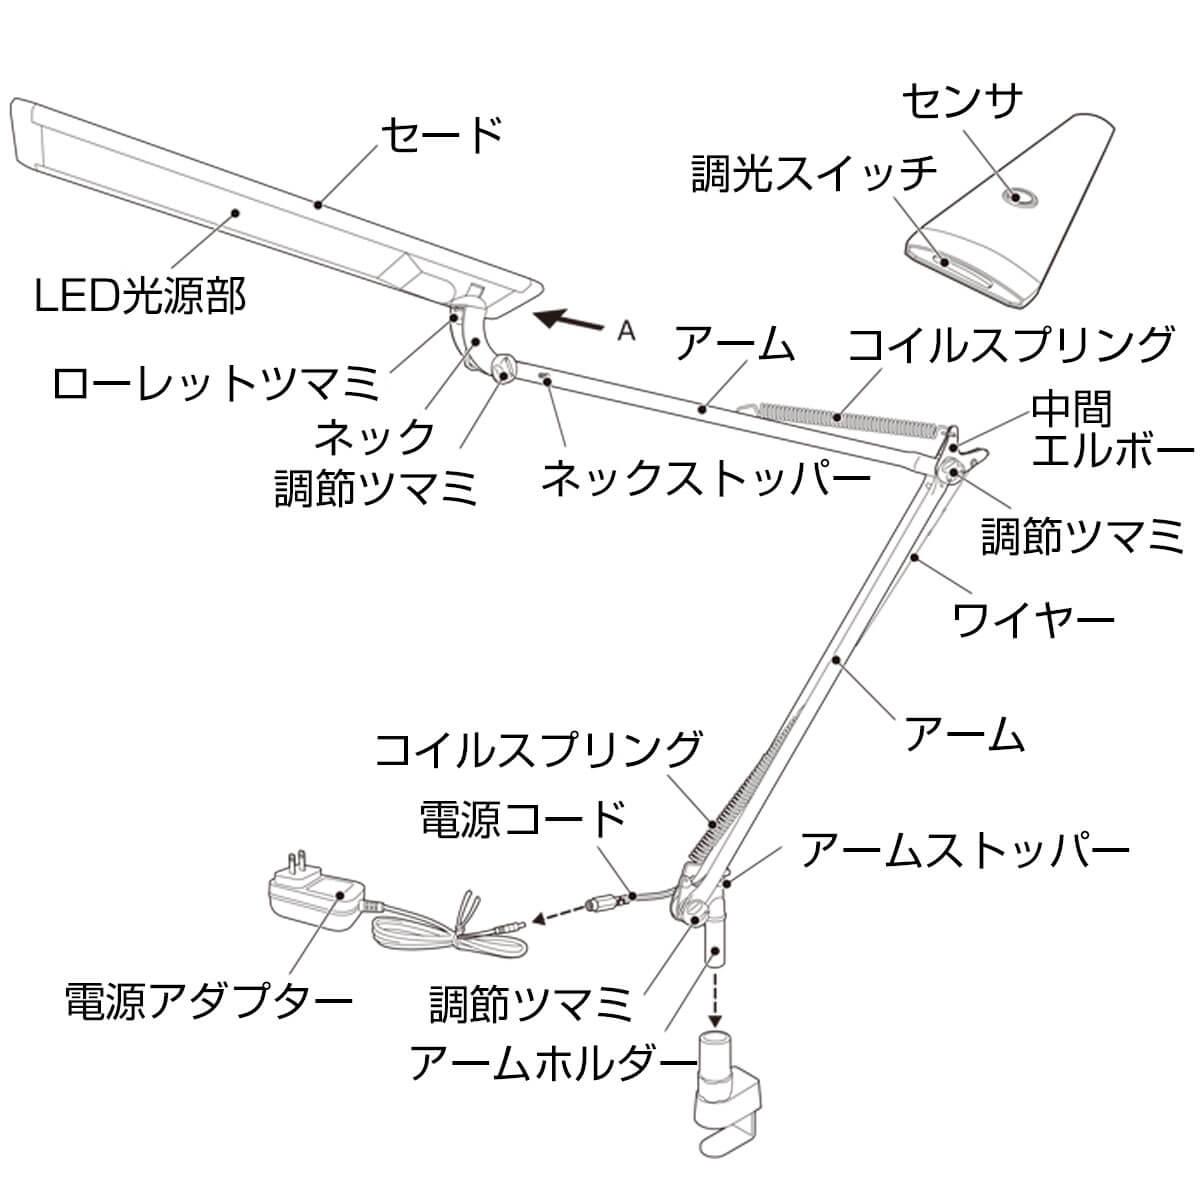 目に優しい タッチレス 触れない テレワーク クランプタイプ 高演色LEDデスクライト 学習机 おしゃれ 在宅勤務 1人暮らし 必要なもの おうち時間 オフィス LEDデスクスタンド LEX-980 PRO